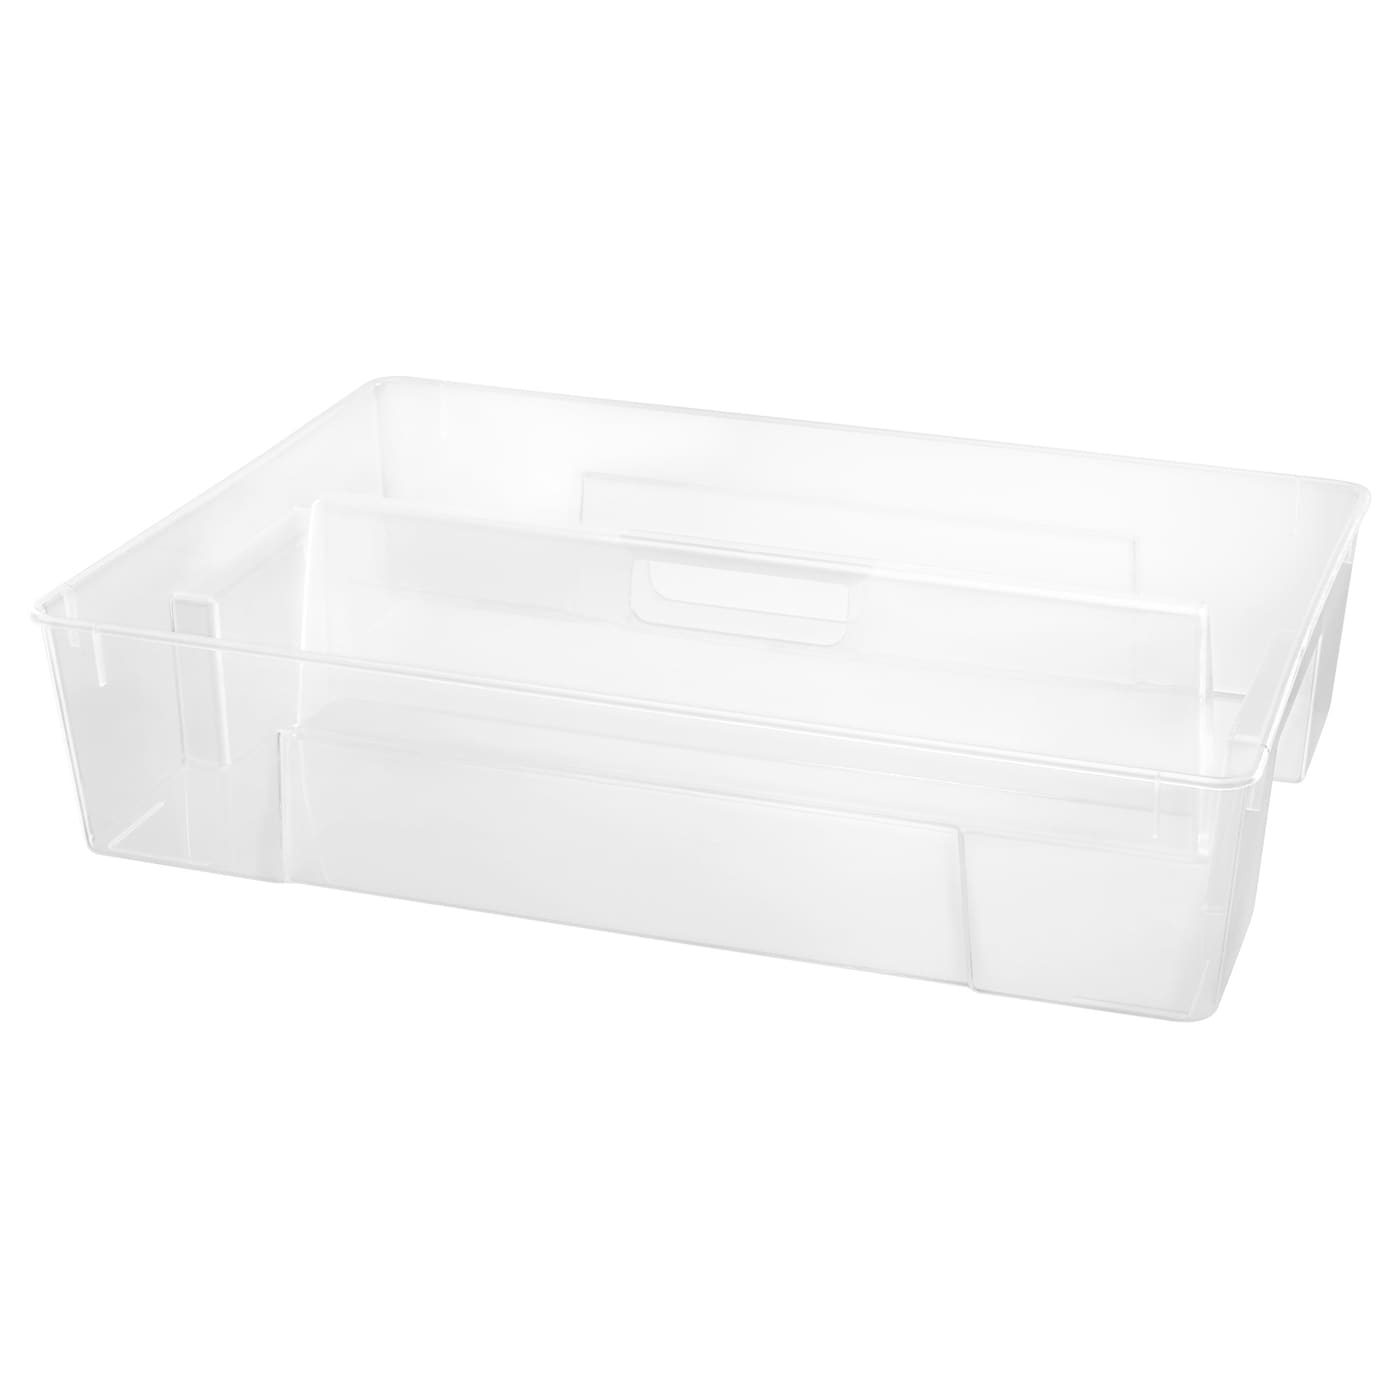 Ikea Aufbewahrungsbox samla verschlussklips f box 45 65 l ikea